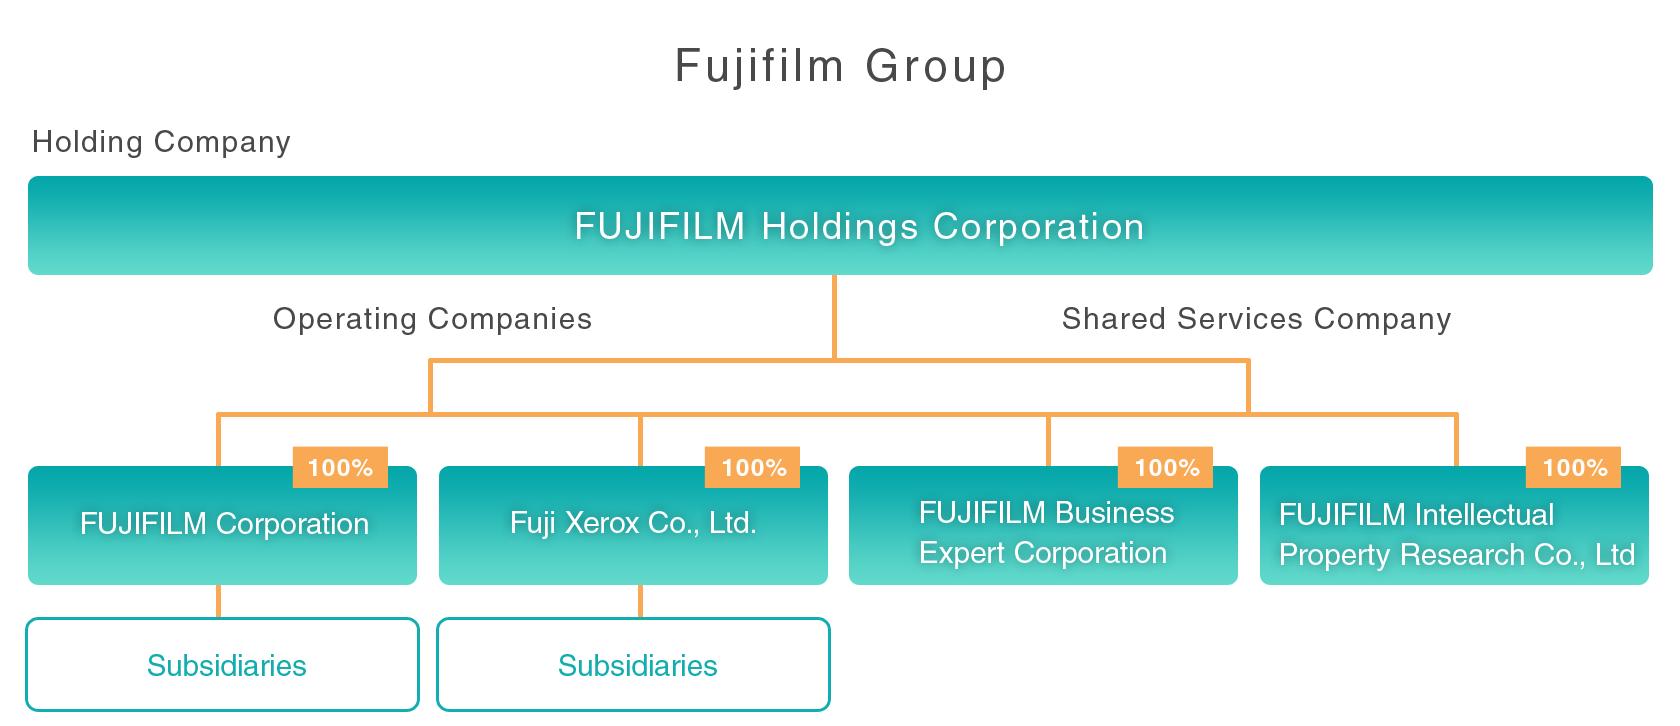 [Image]FUJIFILM Group